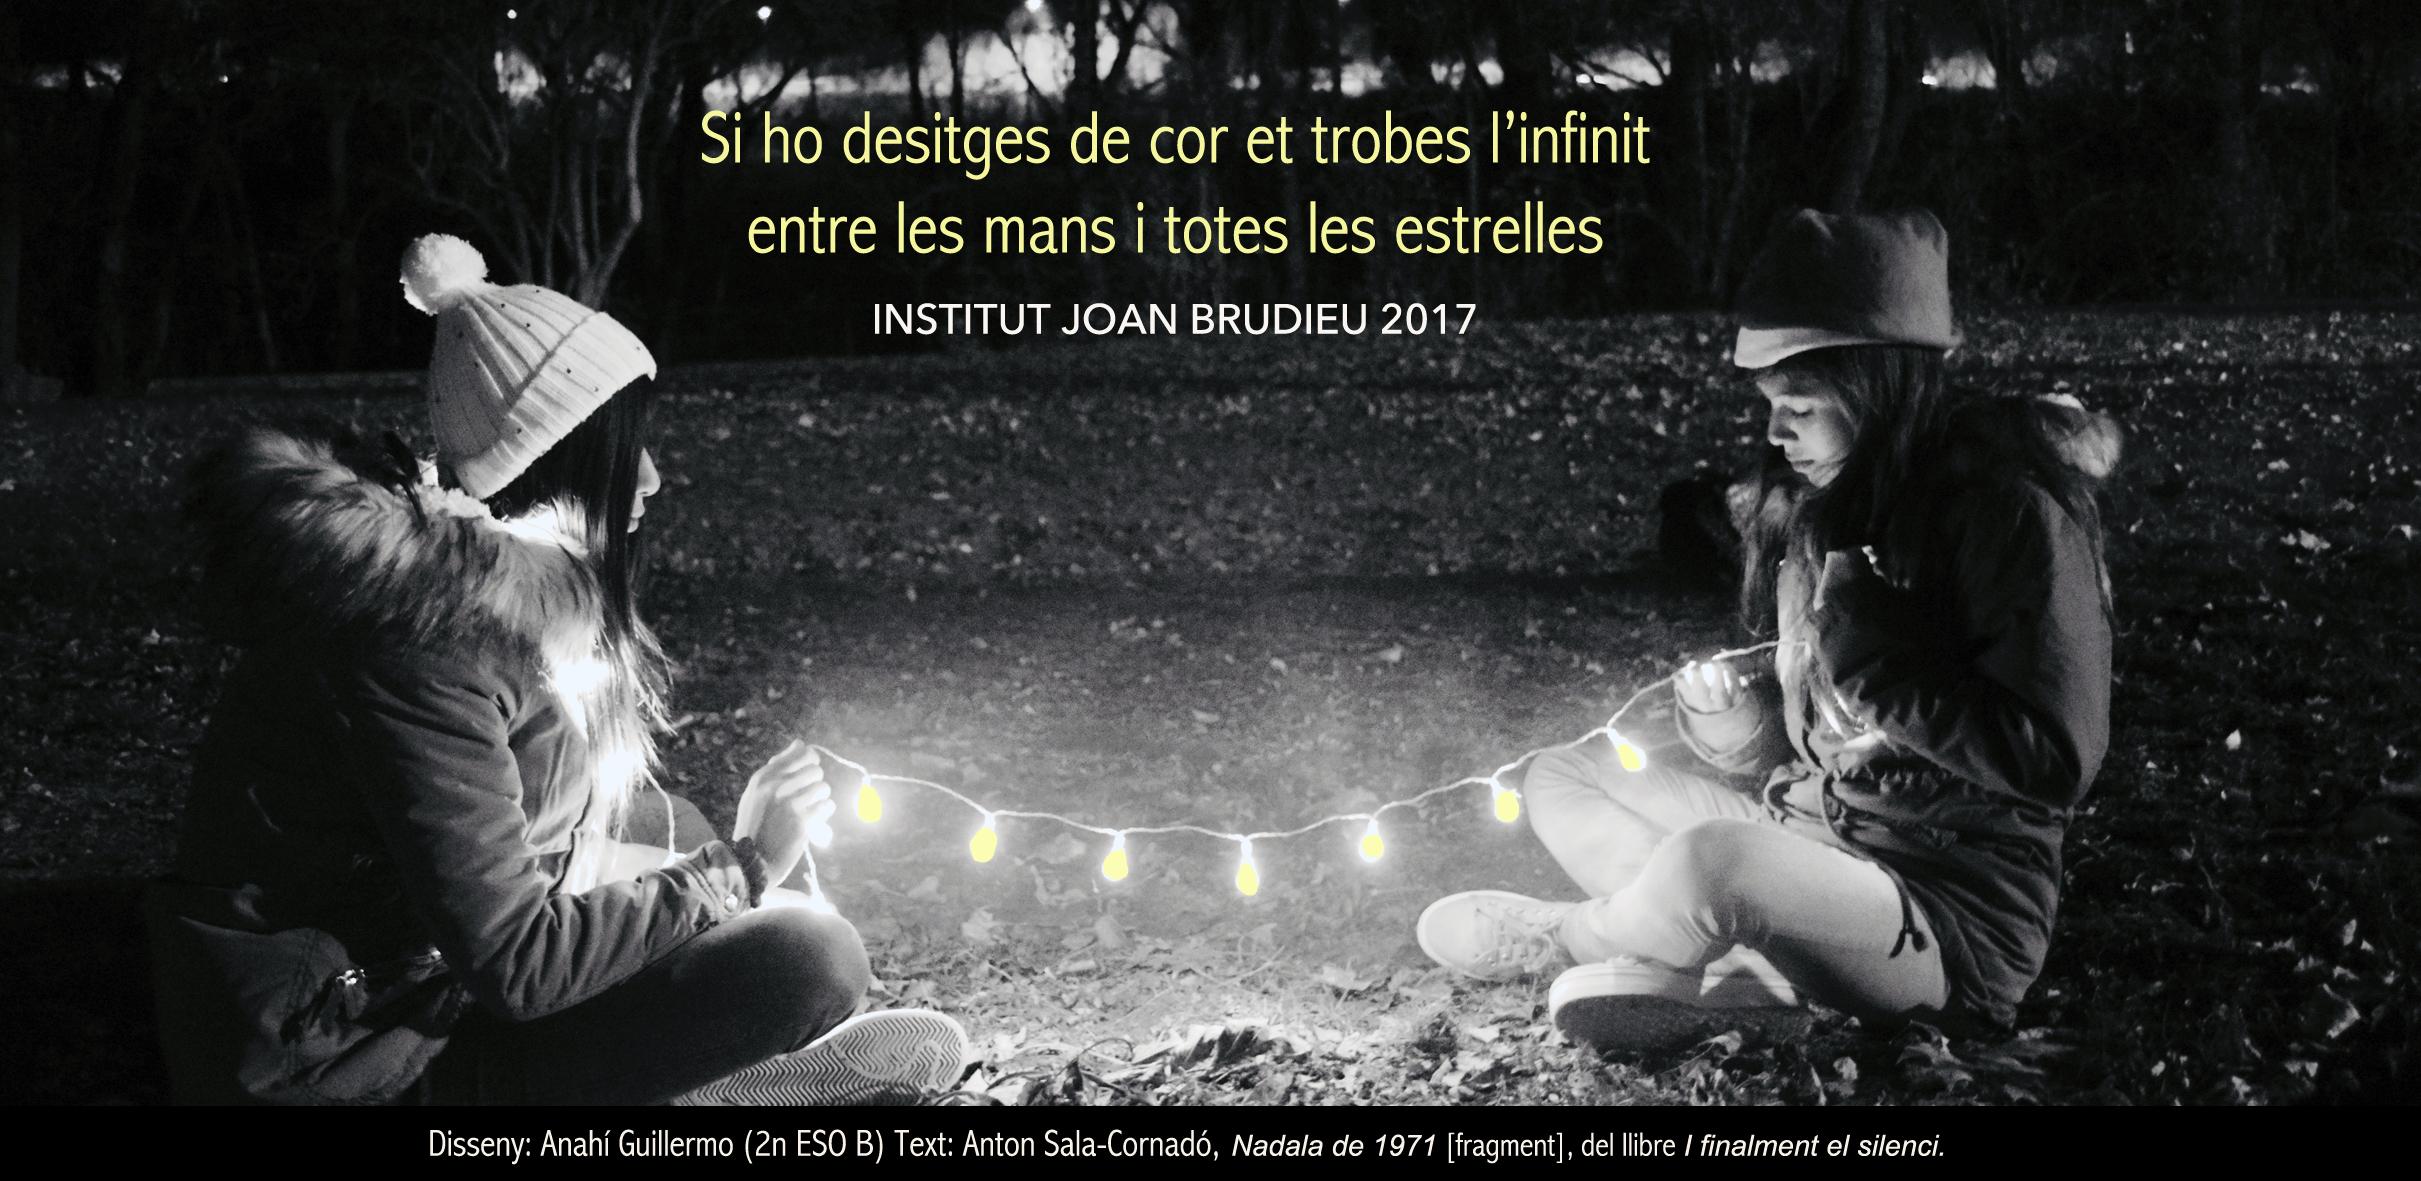 http://institutjoanbrudieu.cat/public/web_centre/html/documents/institut/curs/Nadala_2017_Institut_Joan_Brudieu.jpg